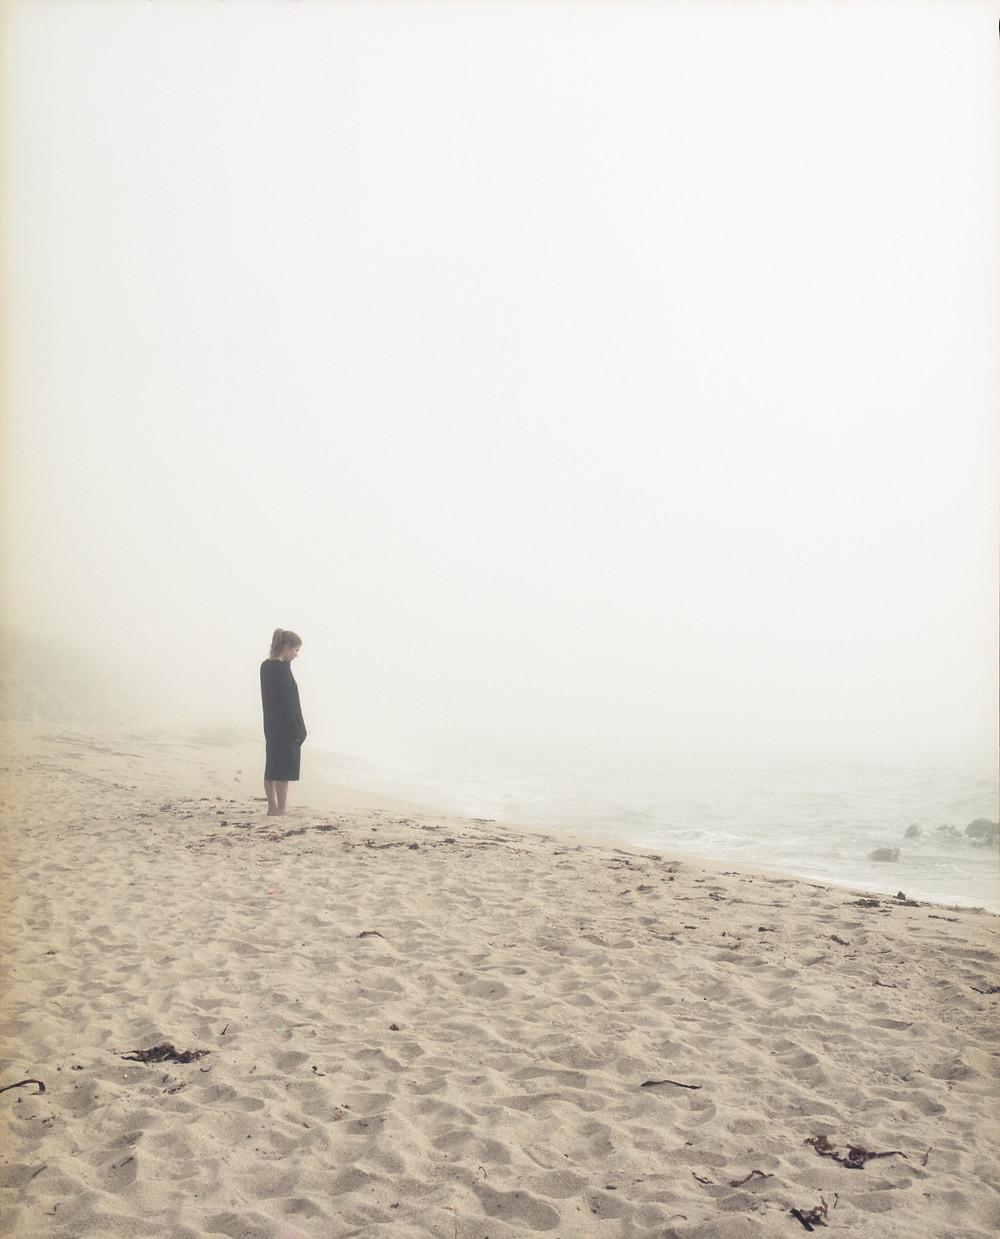 femme sur la plage regardant la mer noyée dans le brouillard